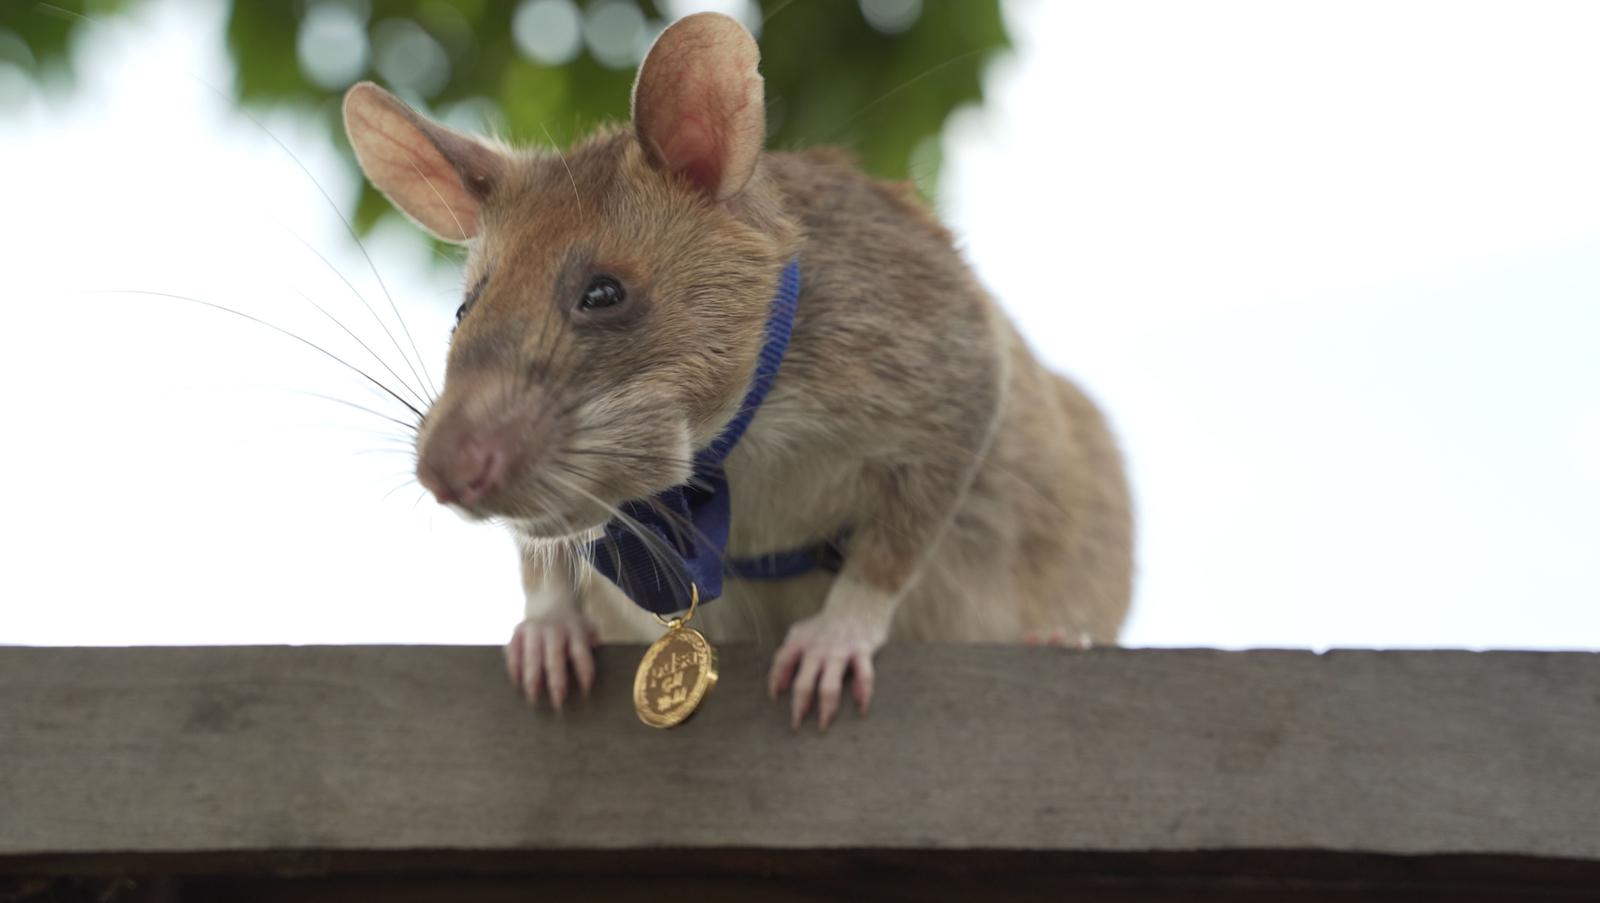 Hero rat awarded gold medal for 'lifesaving bravery'